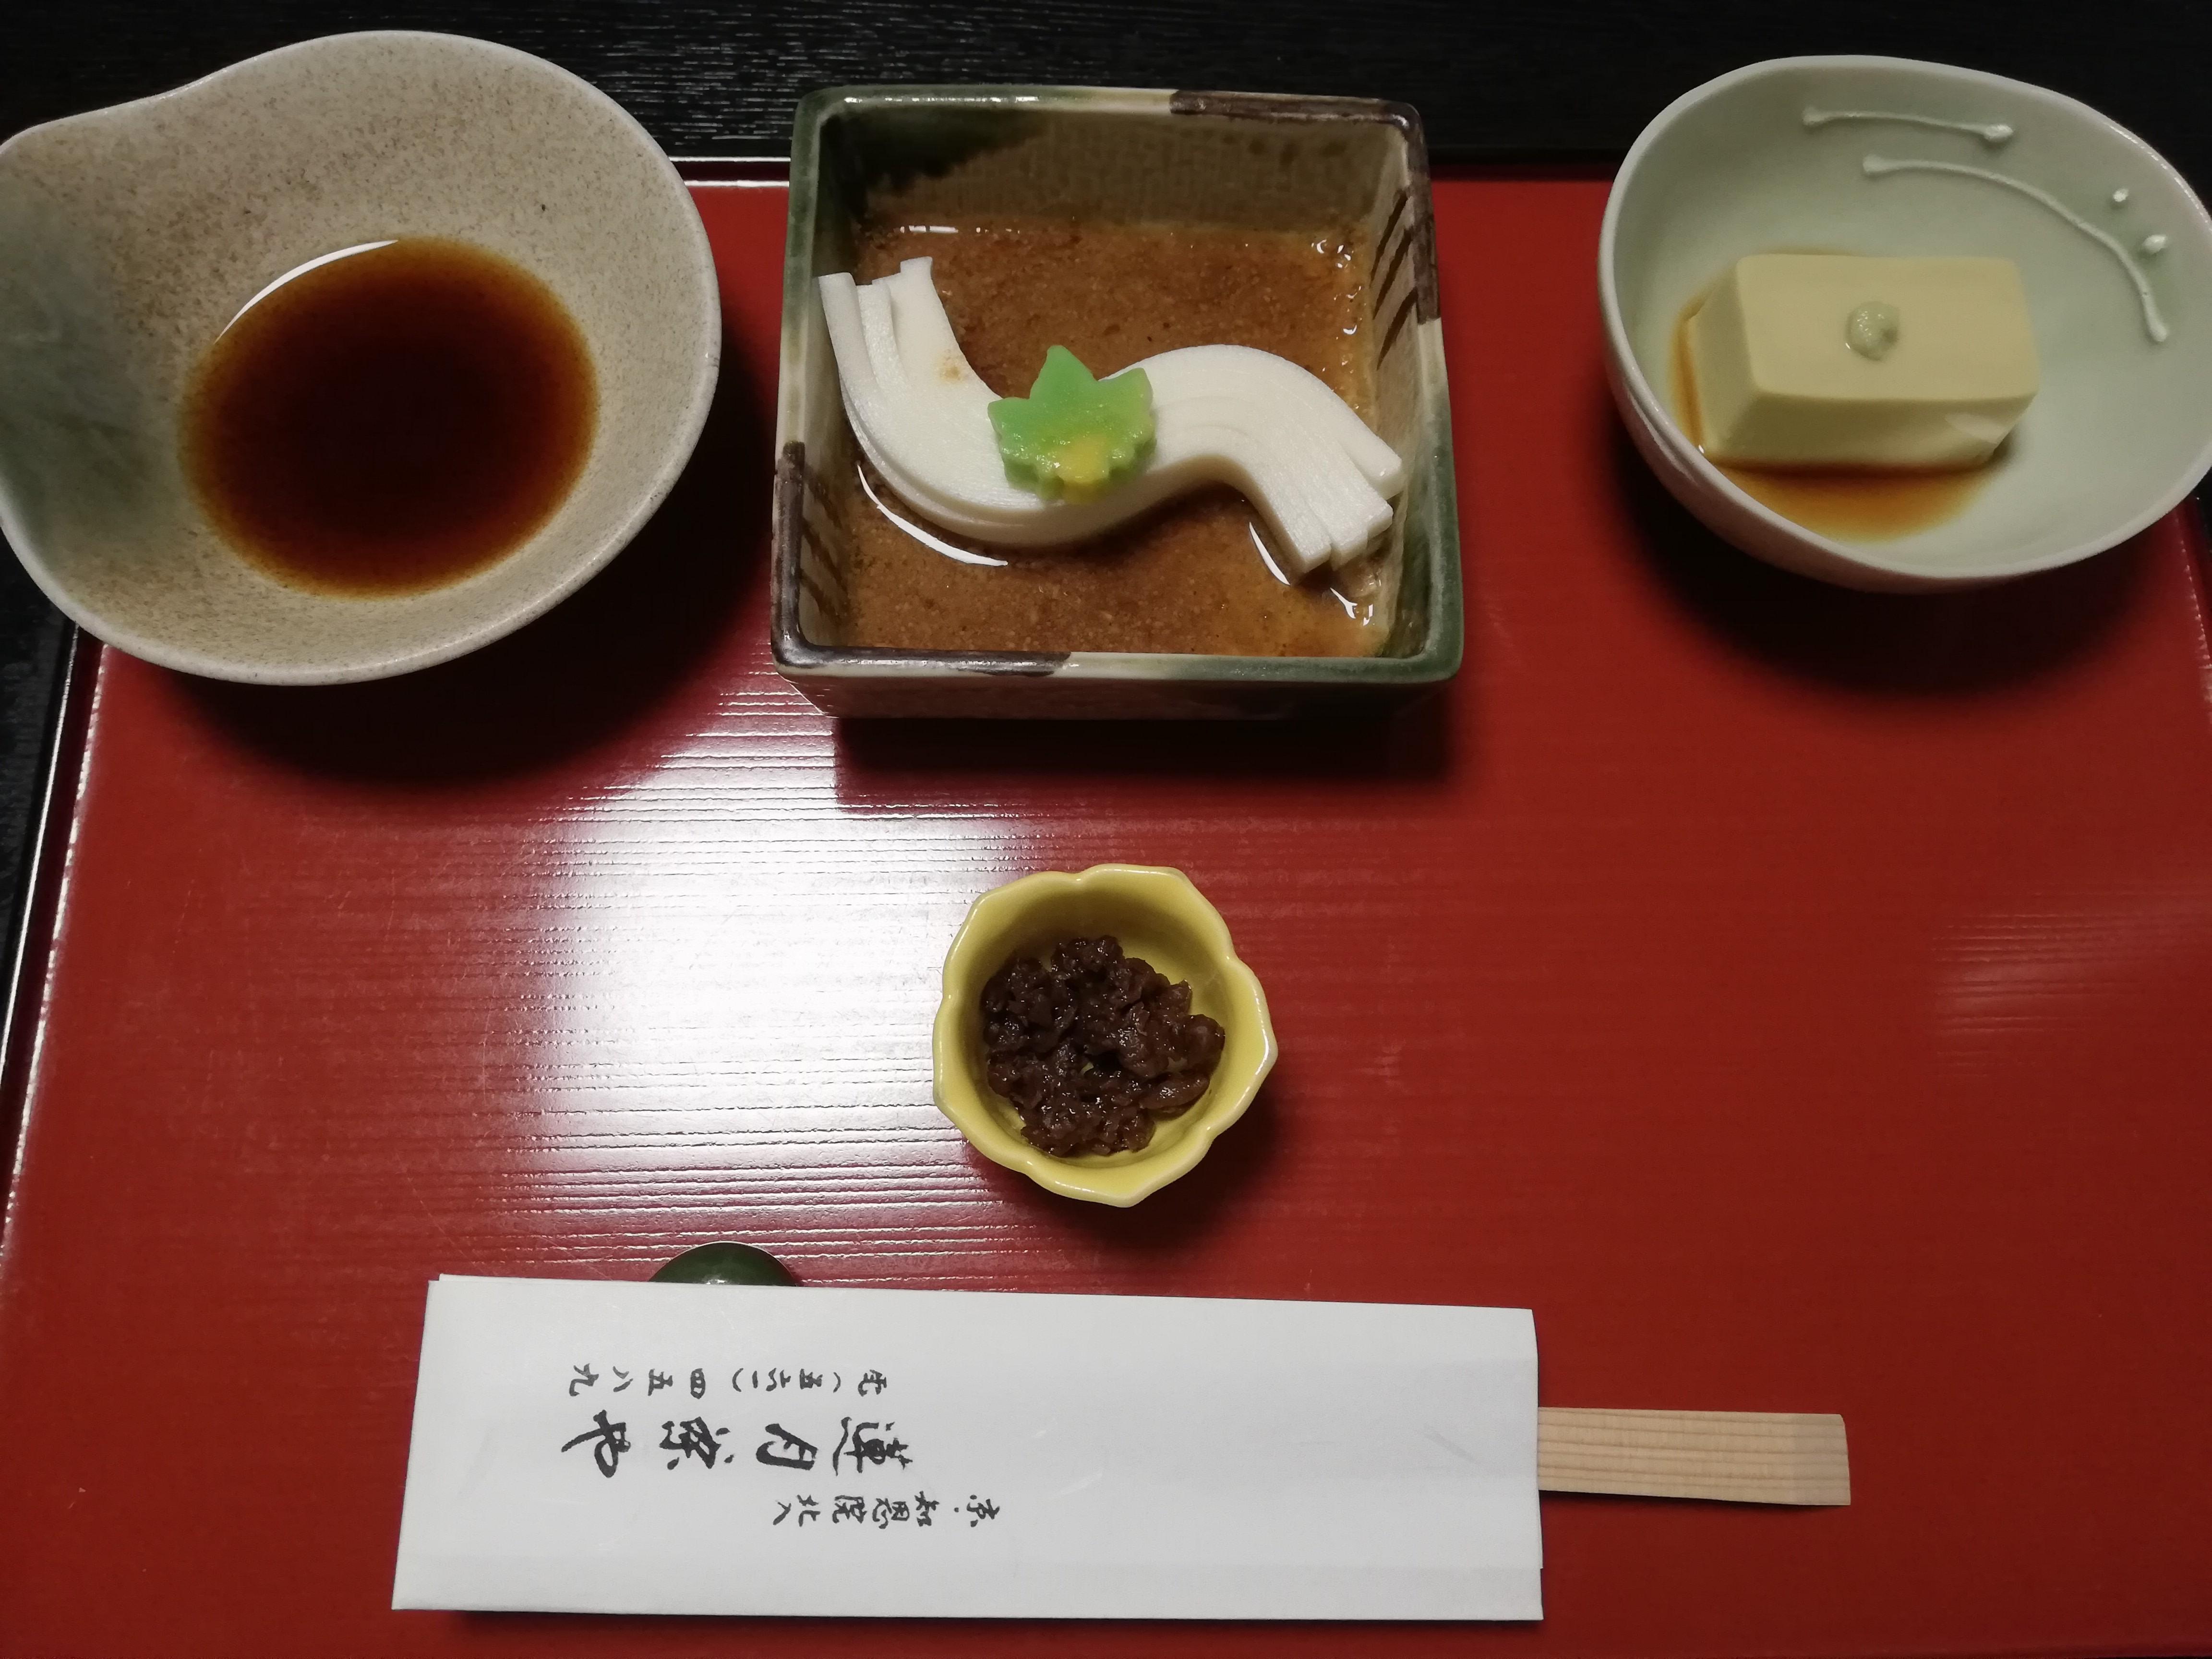 來京都一定要吃一次的京都料理-豆腐料理